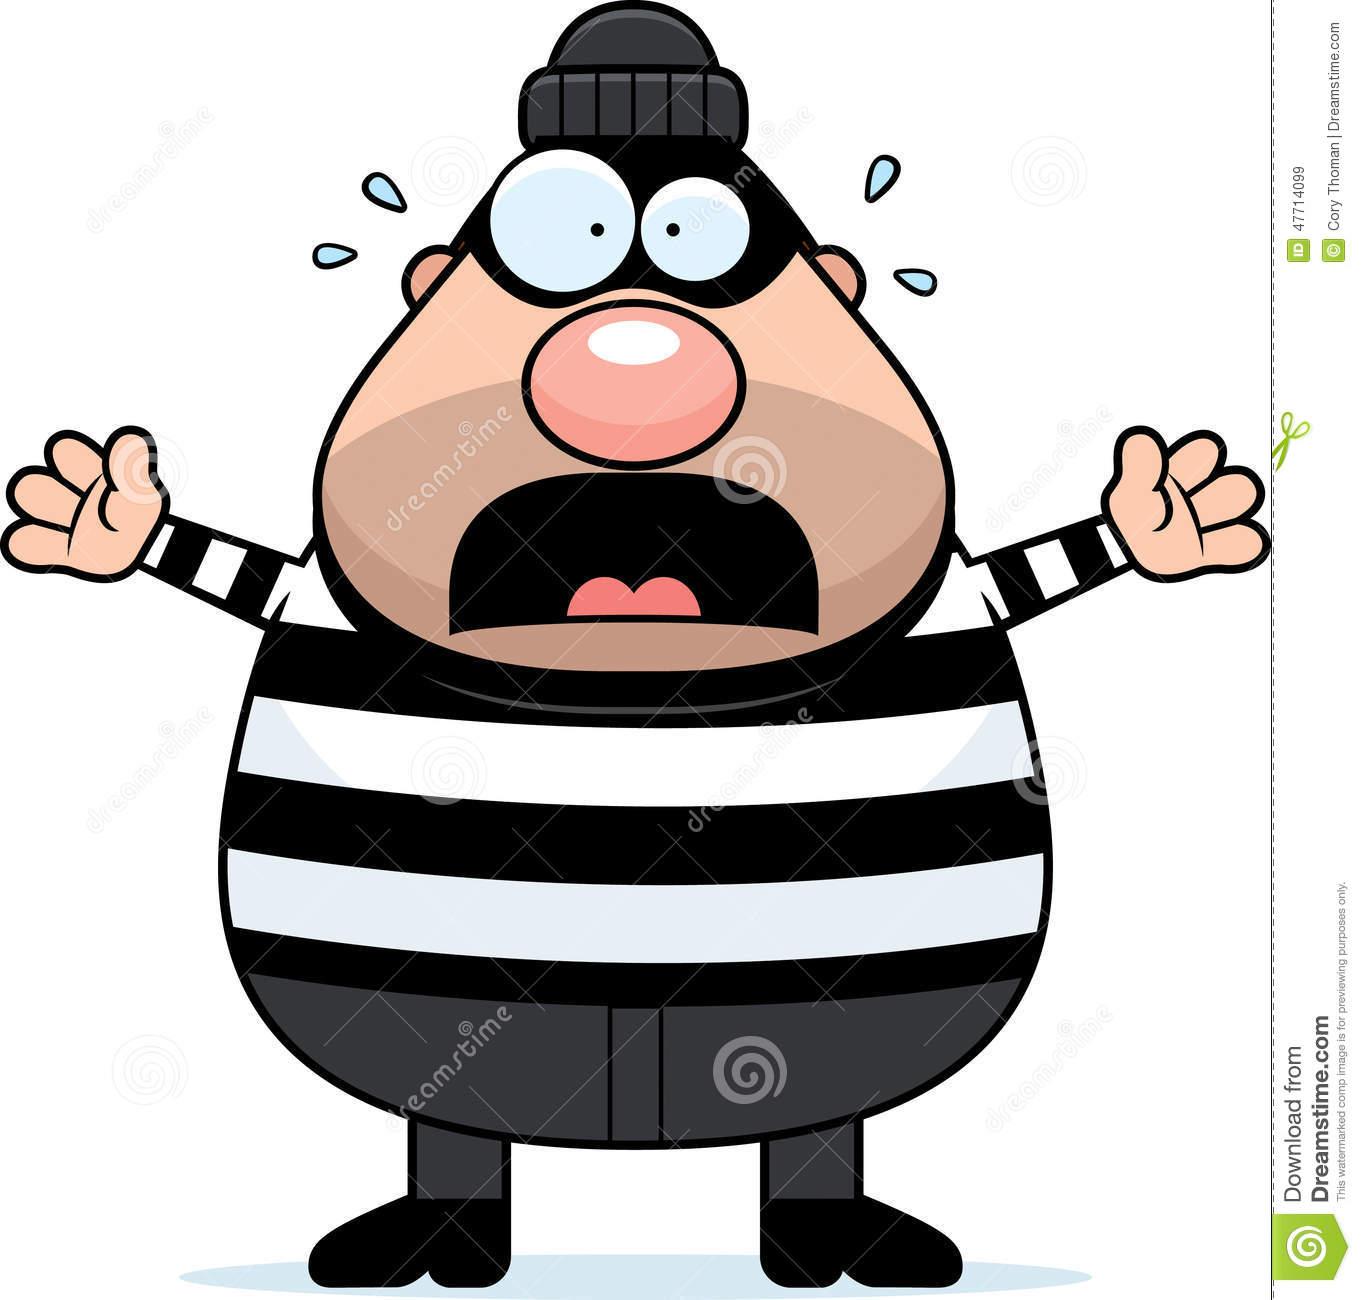 Burglar clipart cat burglar. Station